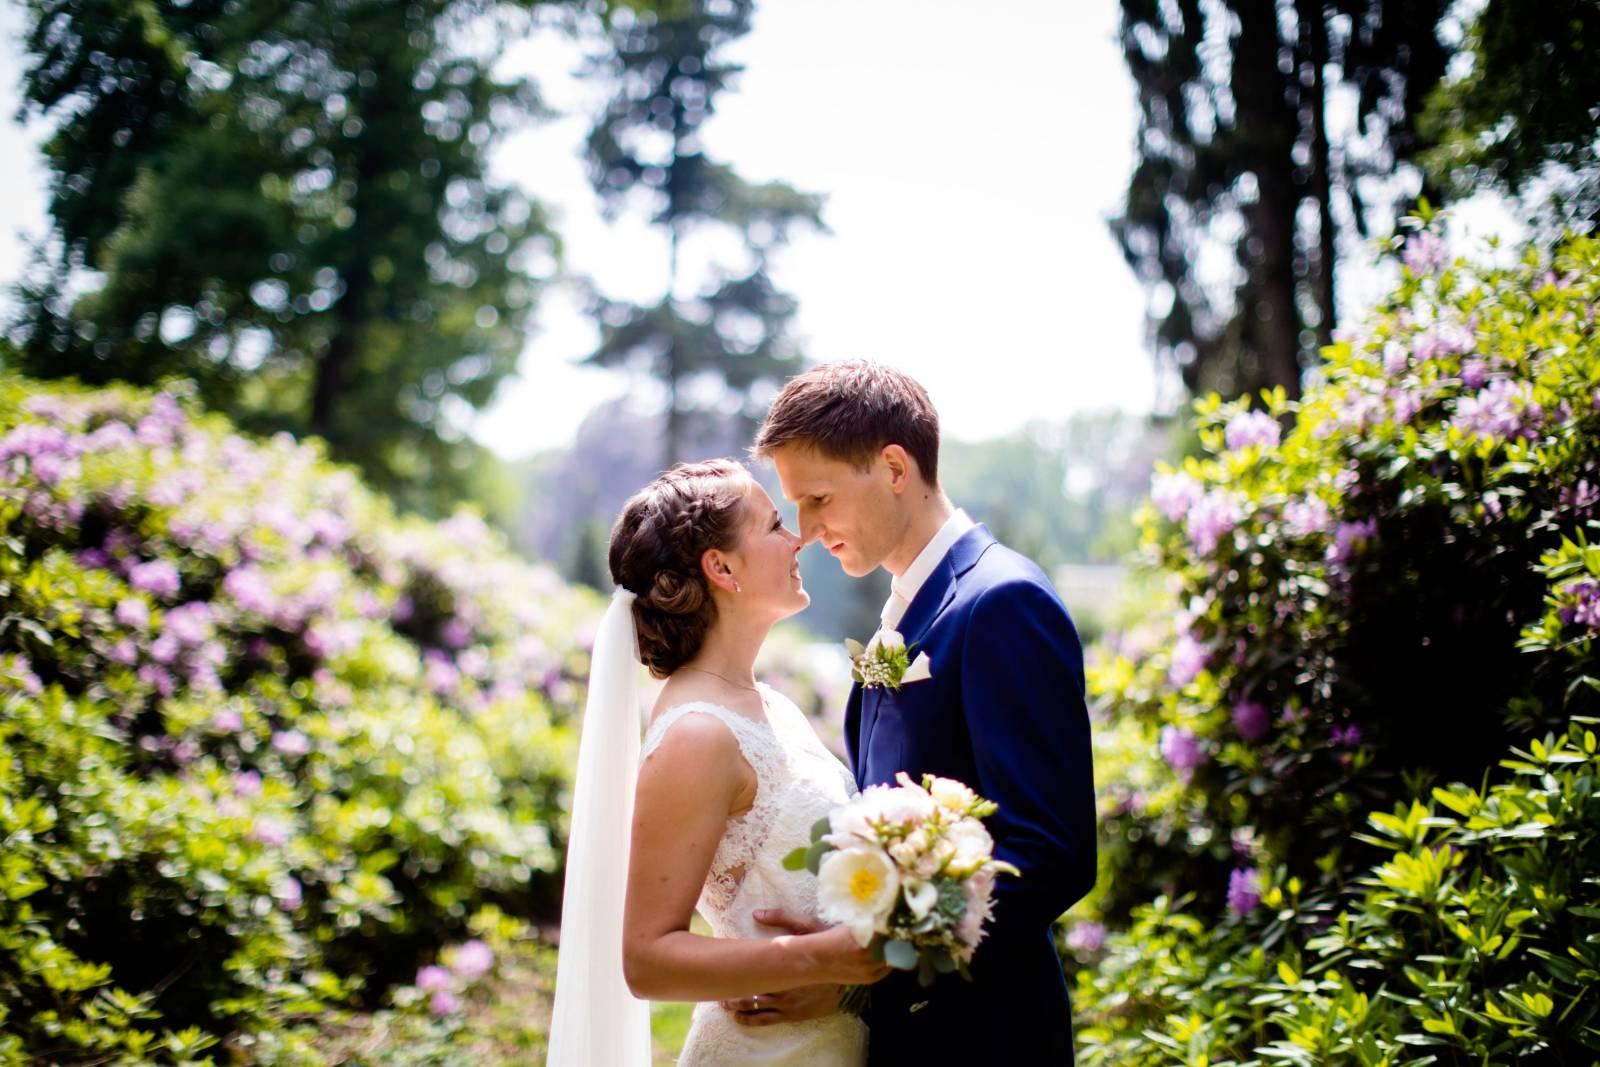 Love & Other Stories - Grietje Pottie - Ceremoniespreker - House of Weddings - 1